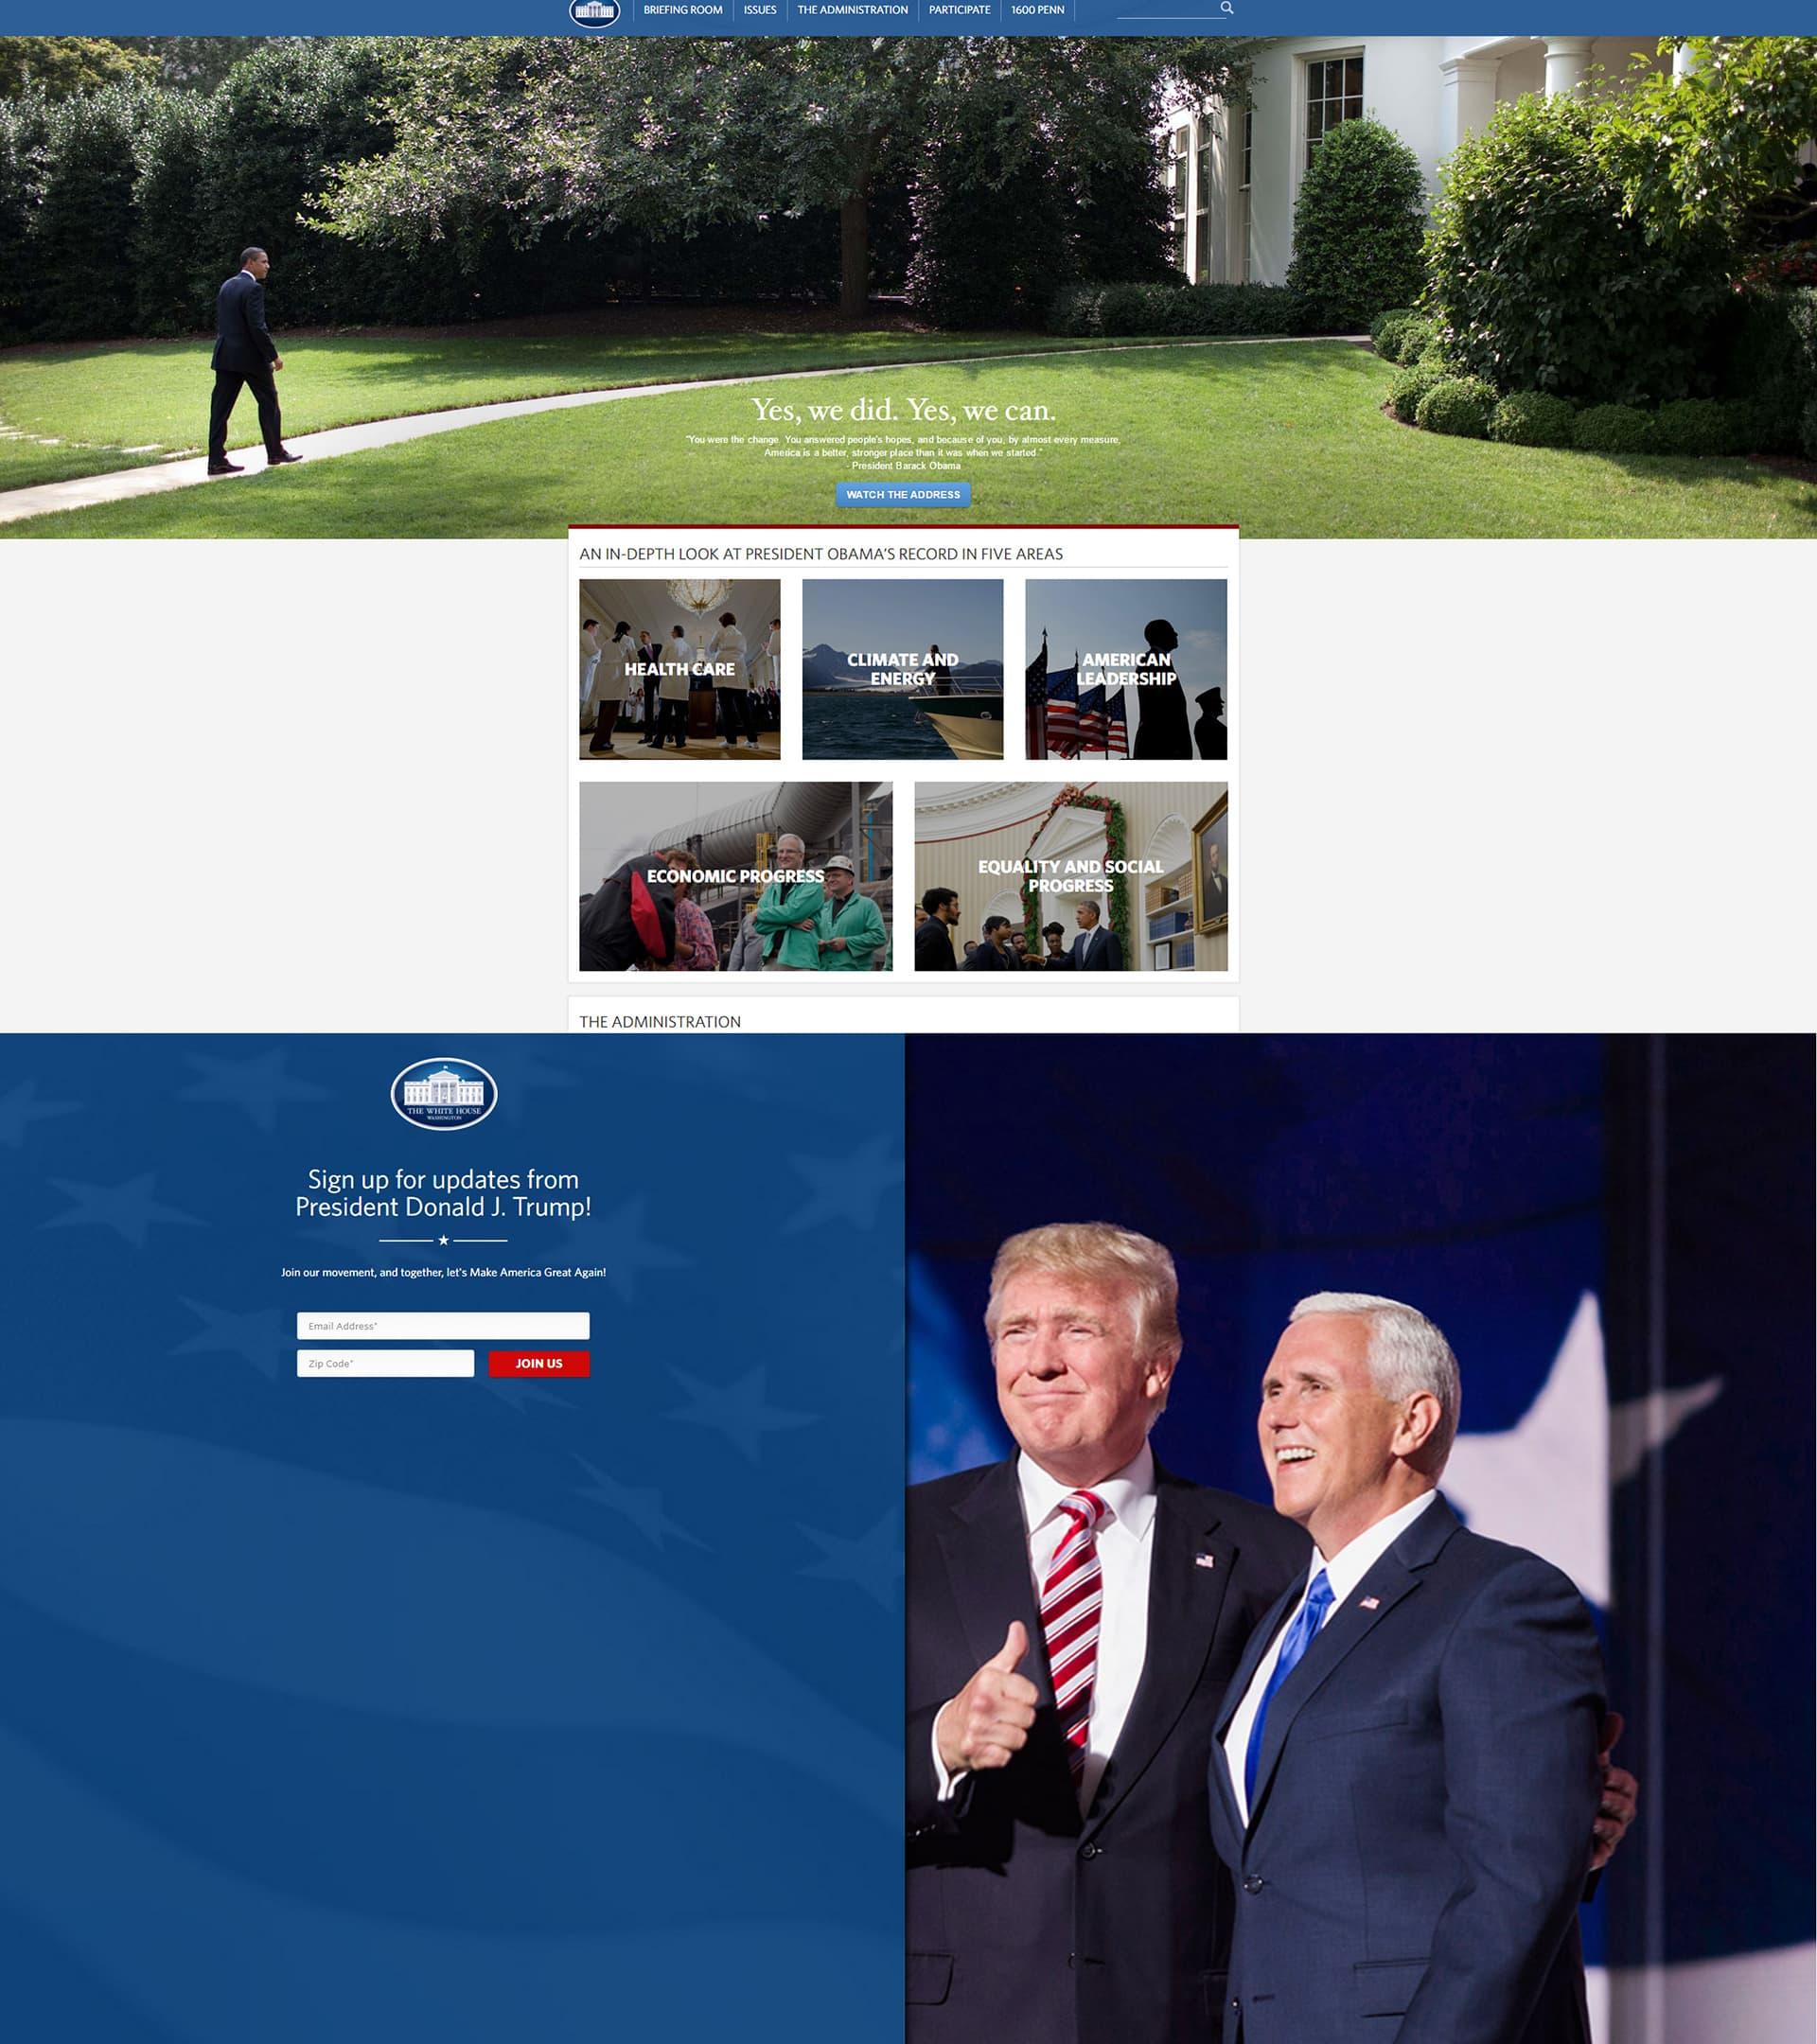 Kaksi kuvakaappausta Valkoisen talon nettisivuilta; ylhäällä ennen Donald Trumpin virkavalaa ja alhaalla virkavalan vannomisen jälkeen.